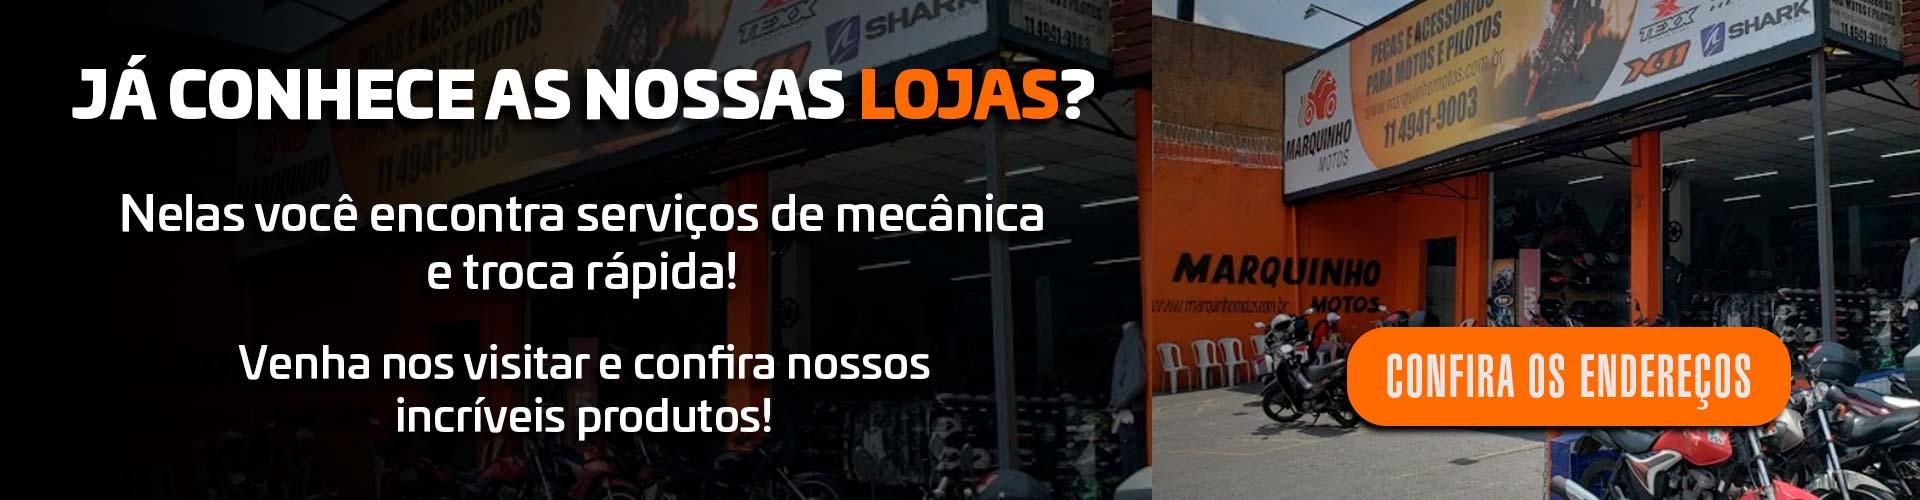 banner principal03 - Lojas